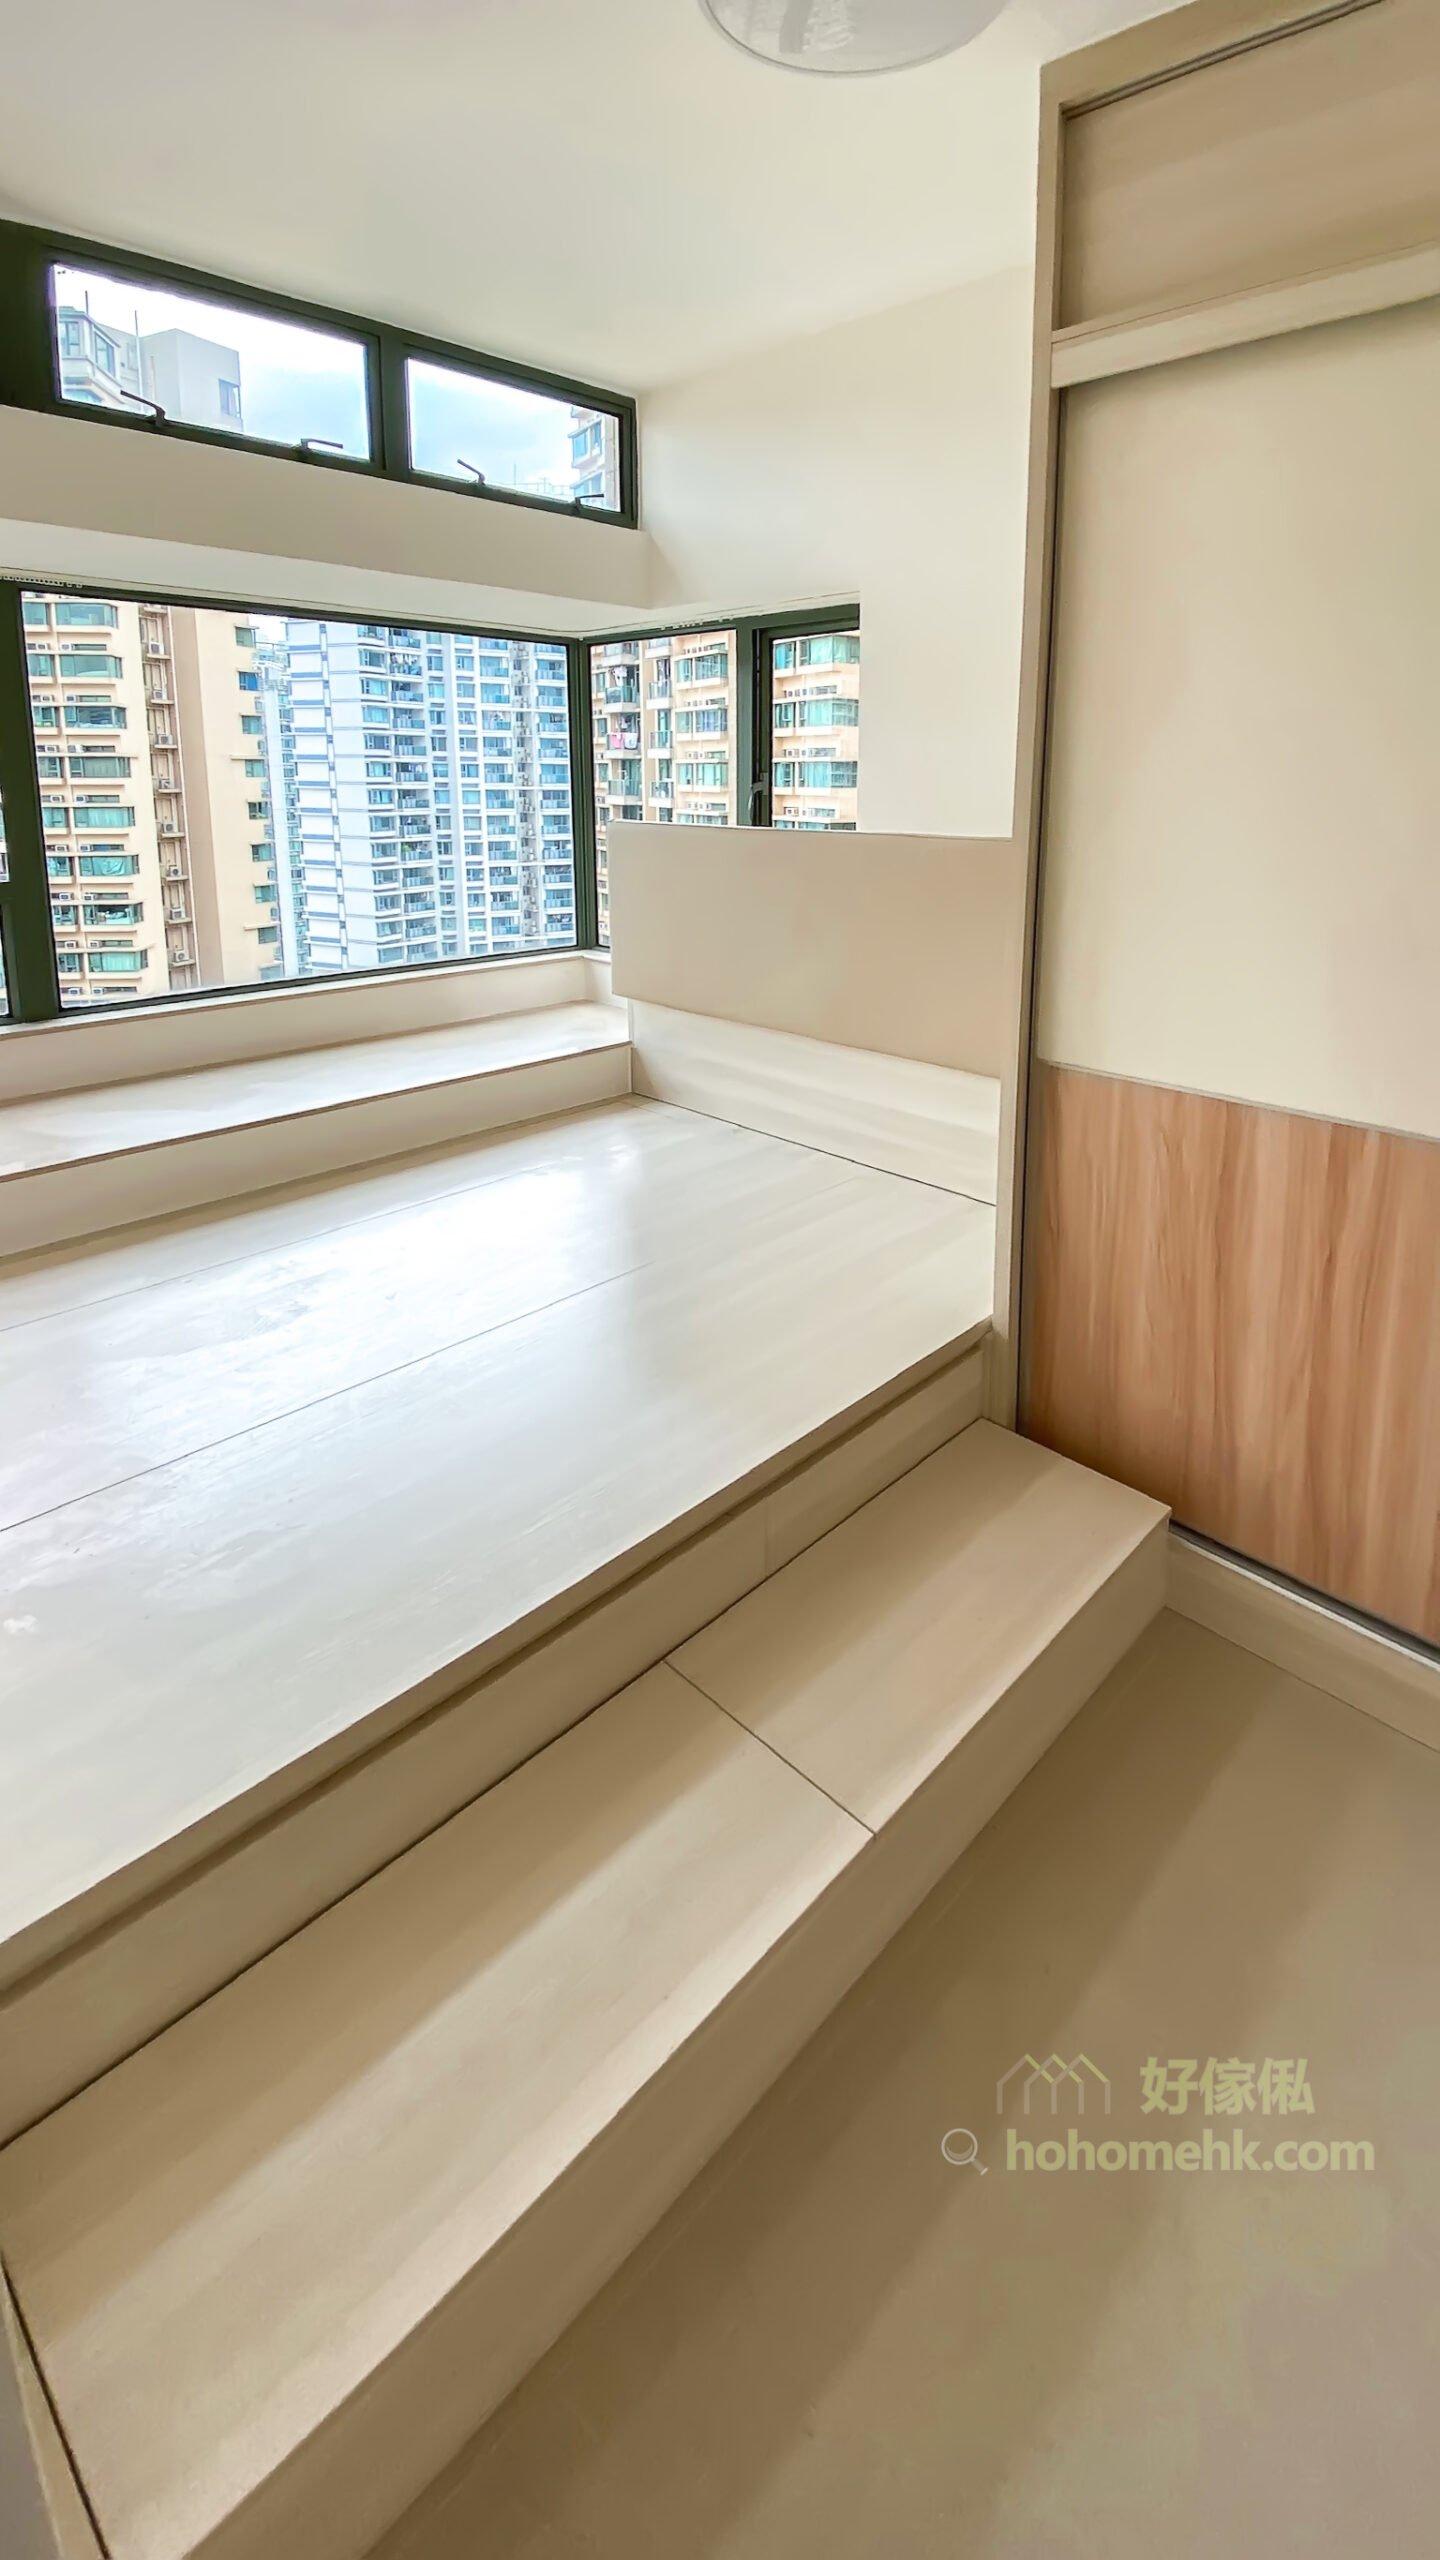 半地台睡房, 地台床連衣櫃設計, 別把窗台遺忘, 窗台可以提供多一個休閒空間